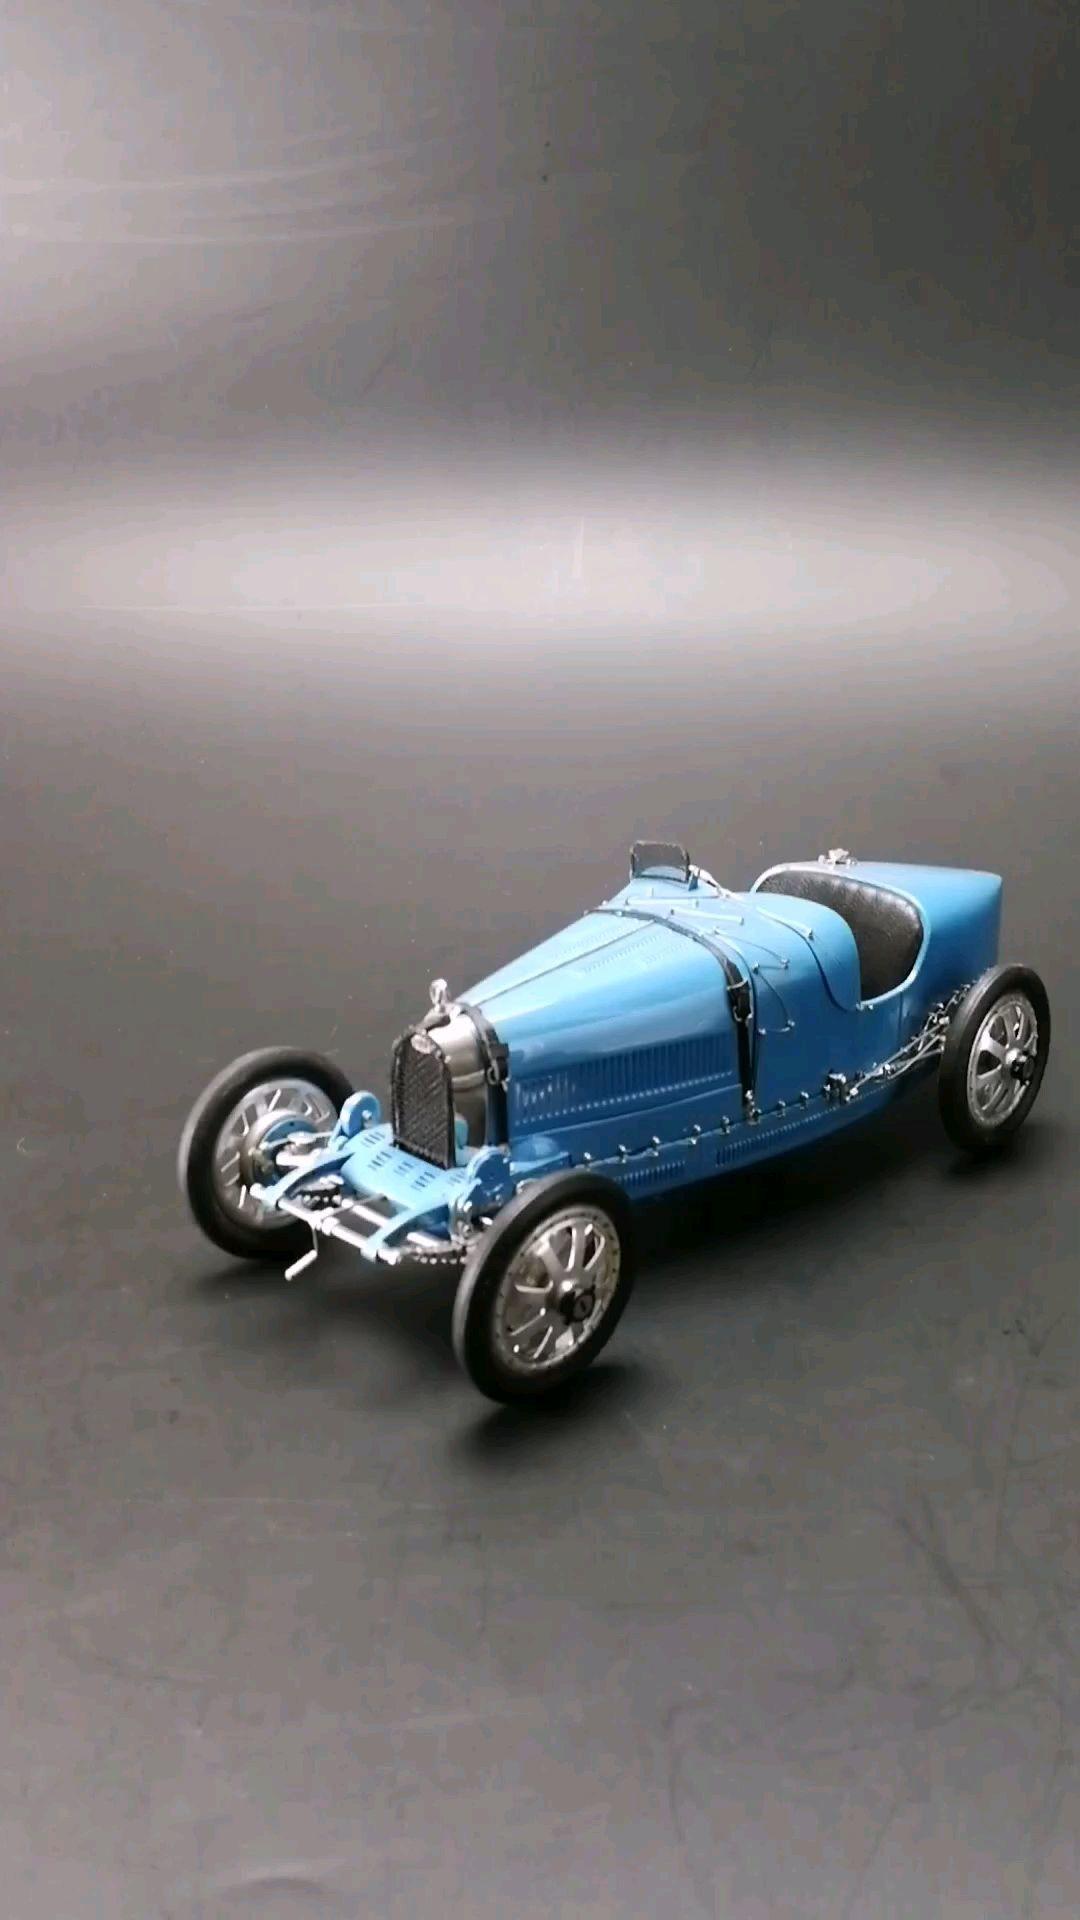 法国千冠王布加迪T35型赛车  1924年,1:18比例,东晓汽车模型收藏馆藏品。